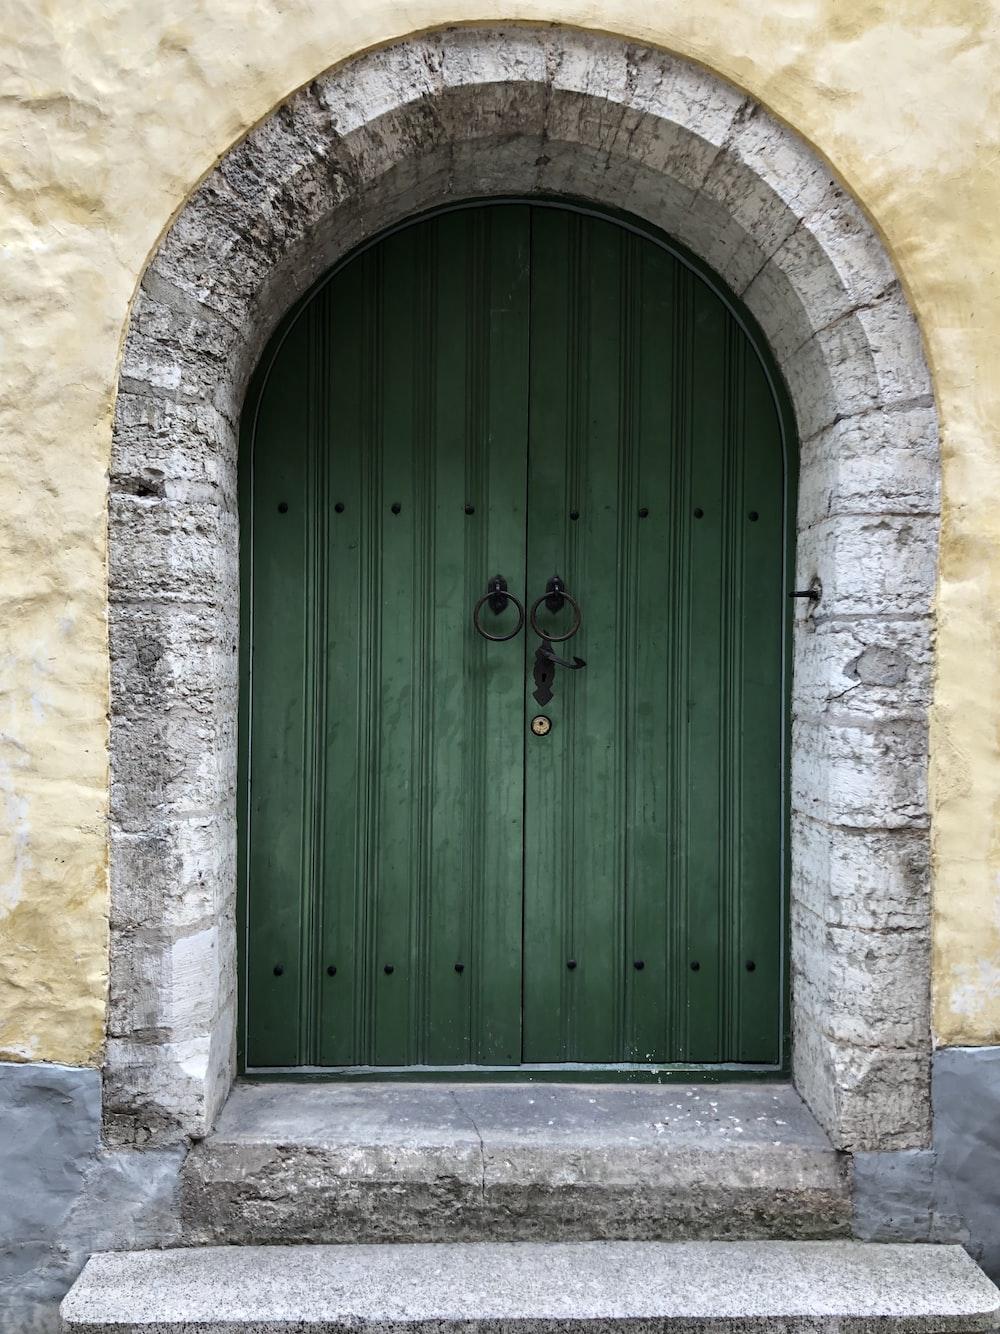 green door with black knocker